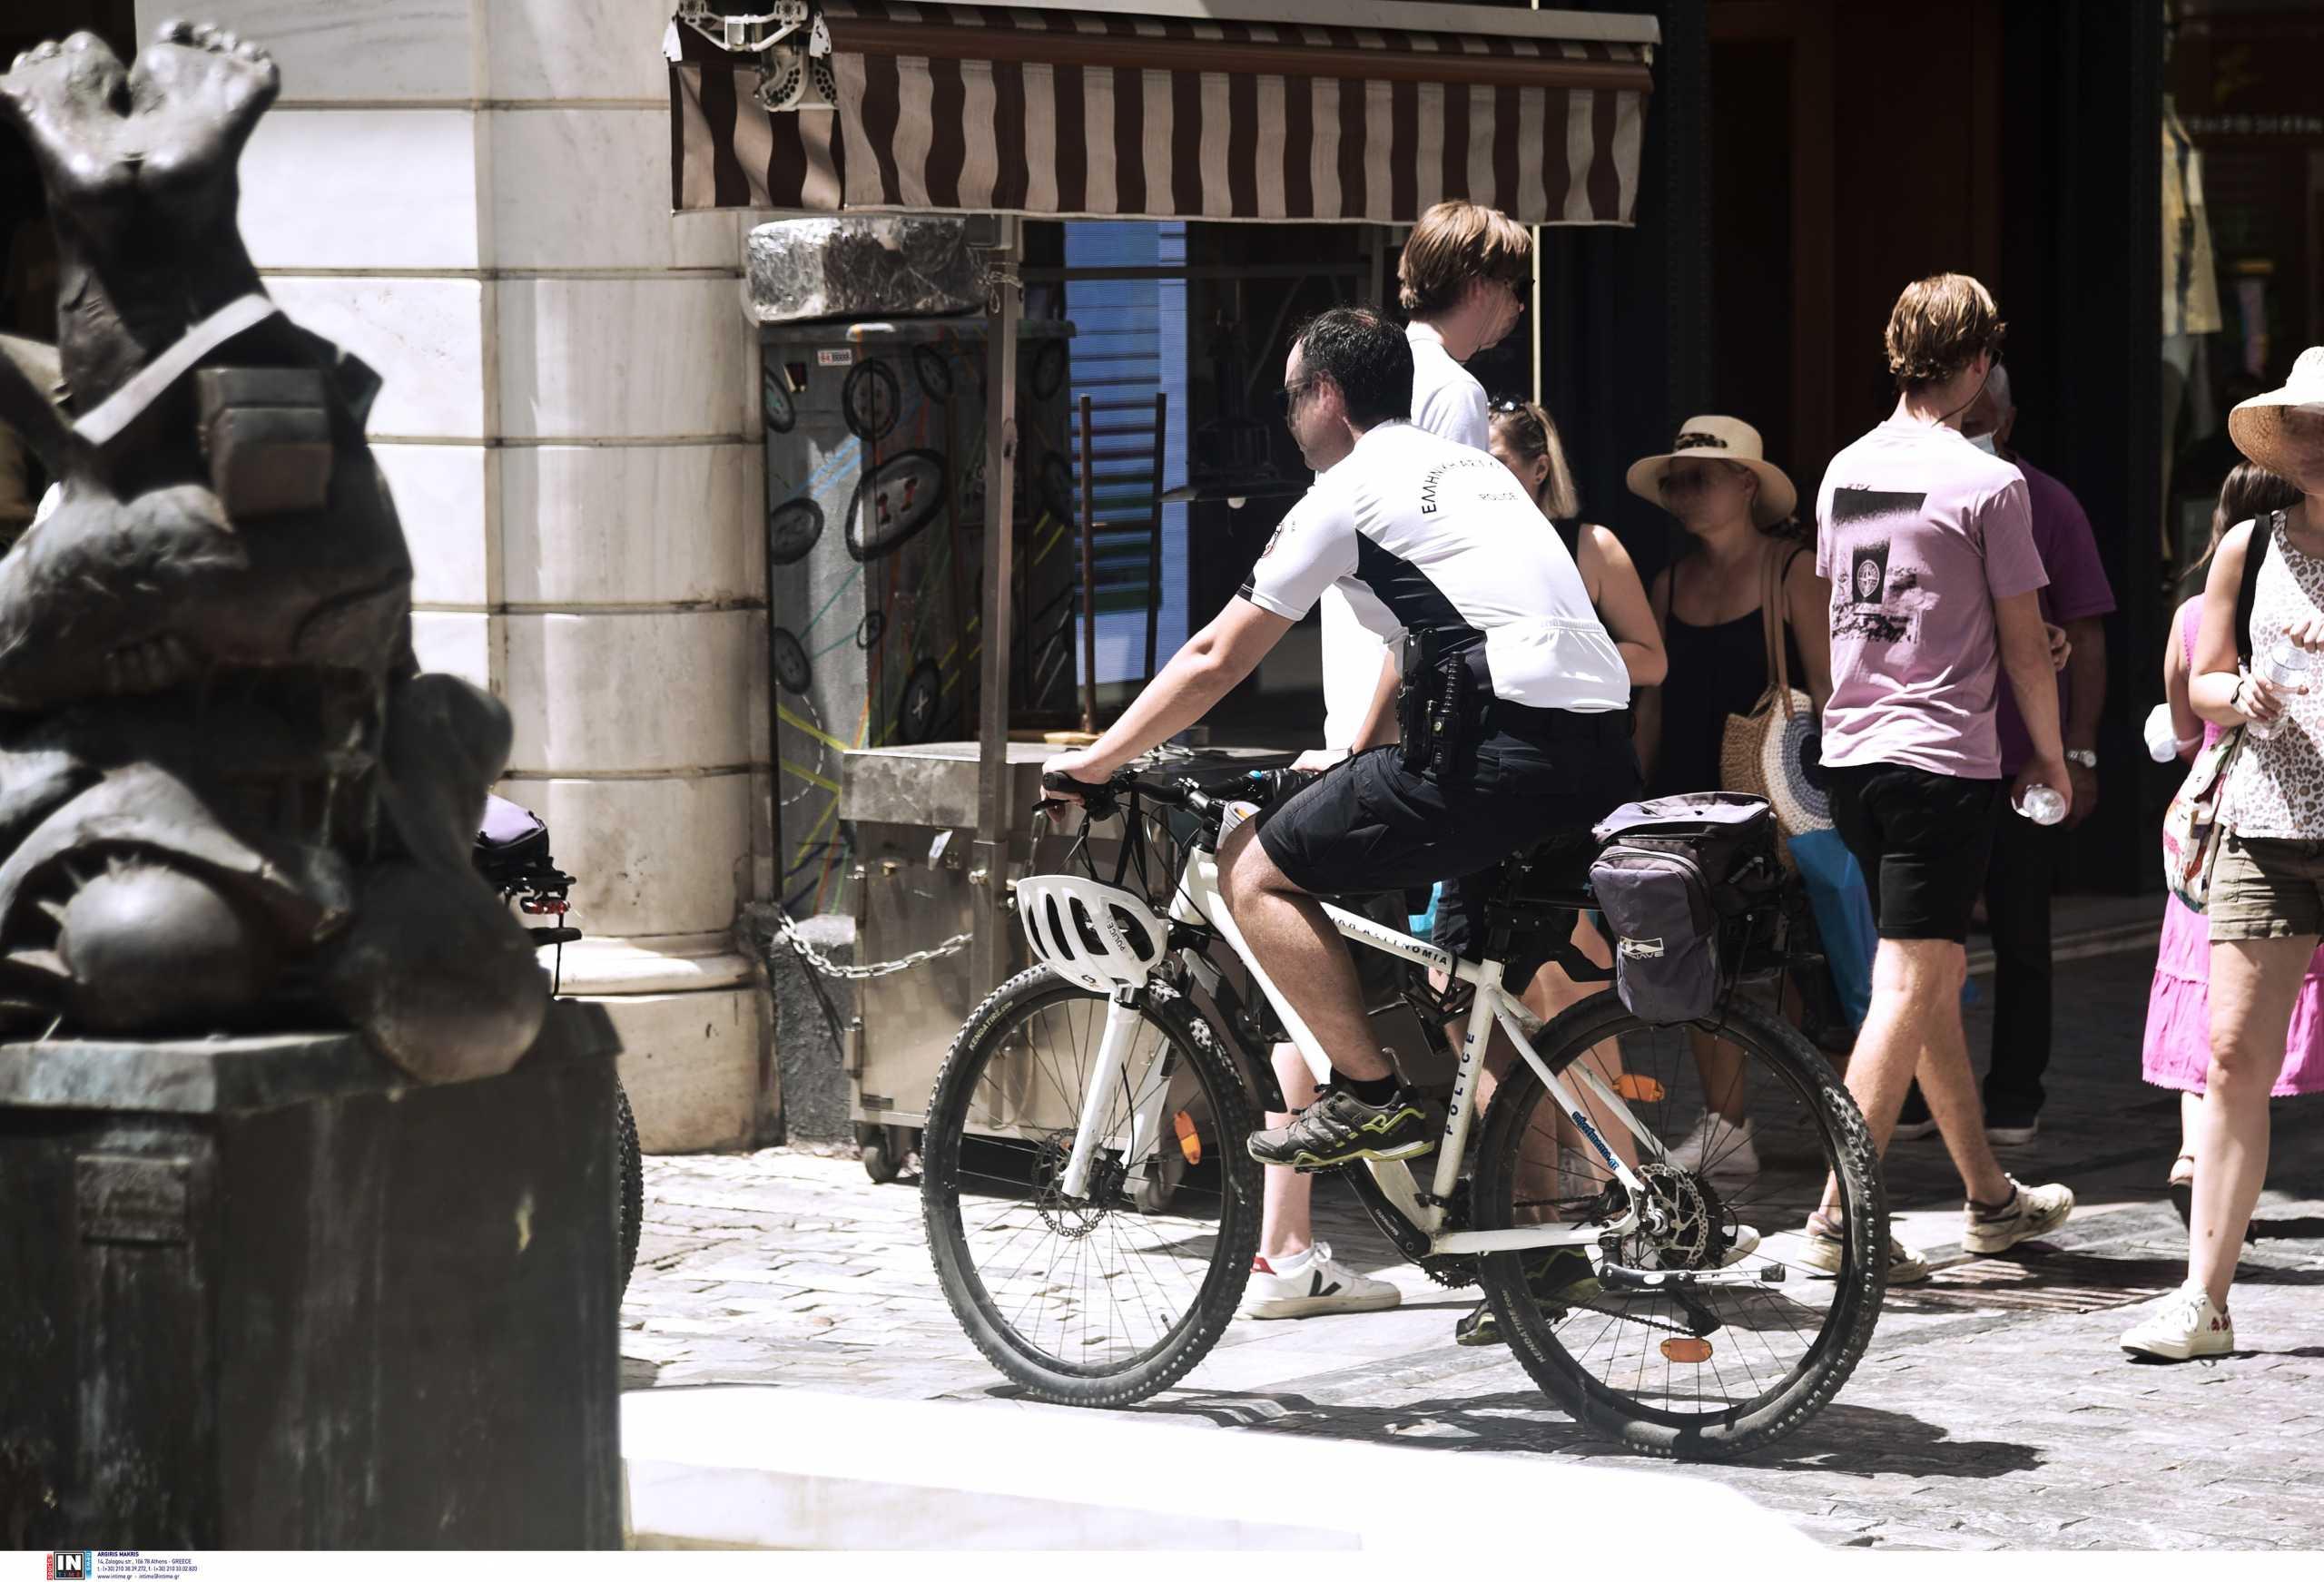 Κορονοϊός: Σταθερά η Κρήτη μπροστά από τη Θεσσαλονίκη σε κρούσματα – Ο χάρτης της διασποράς σήμερα 06/08